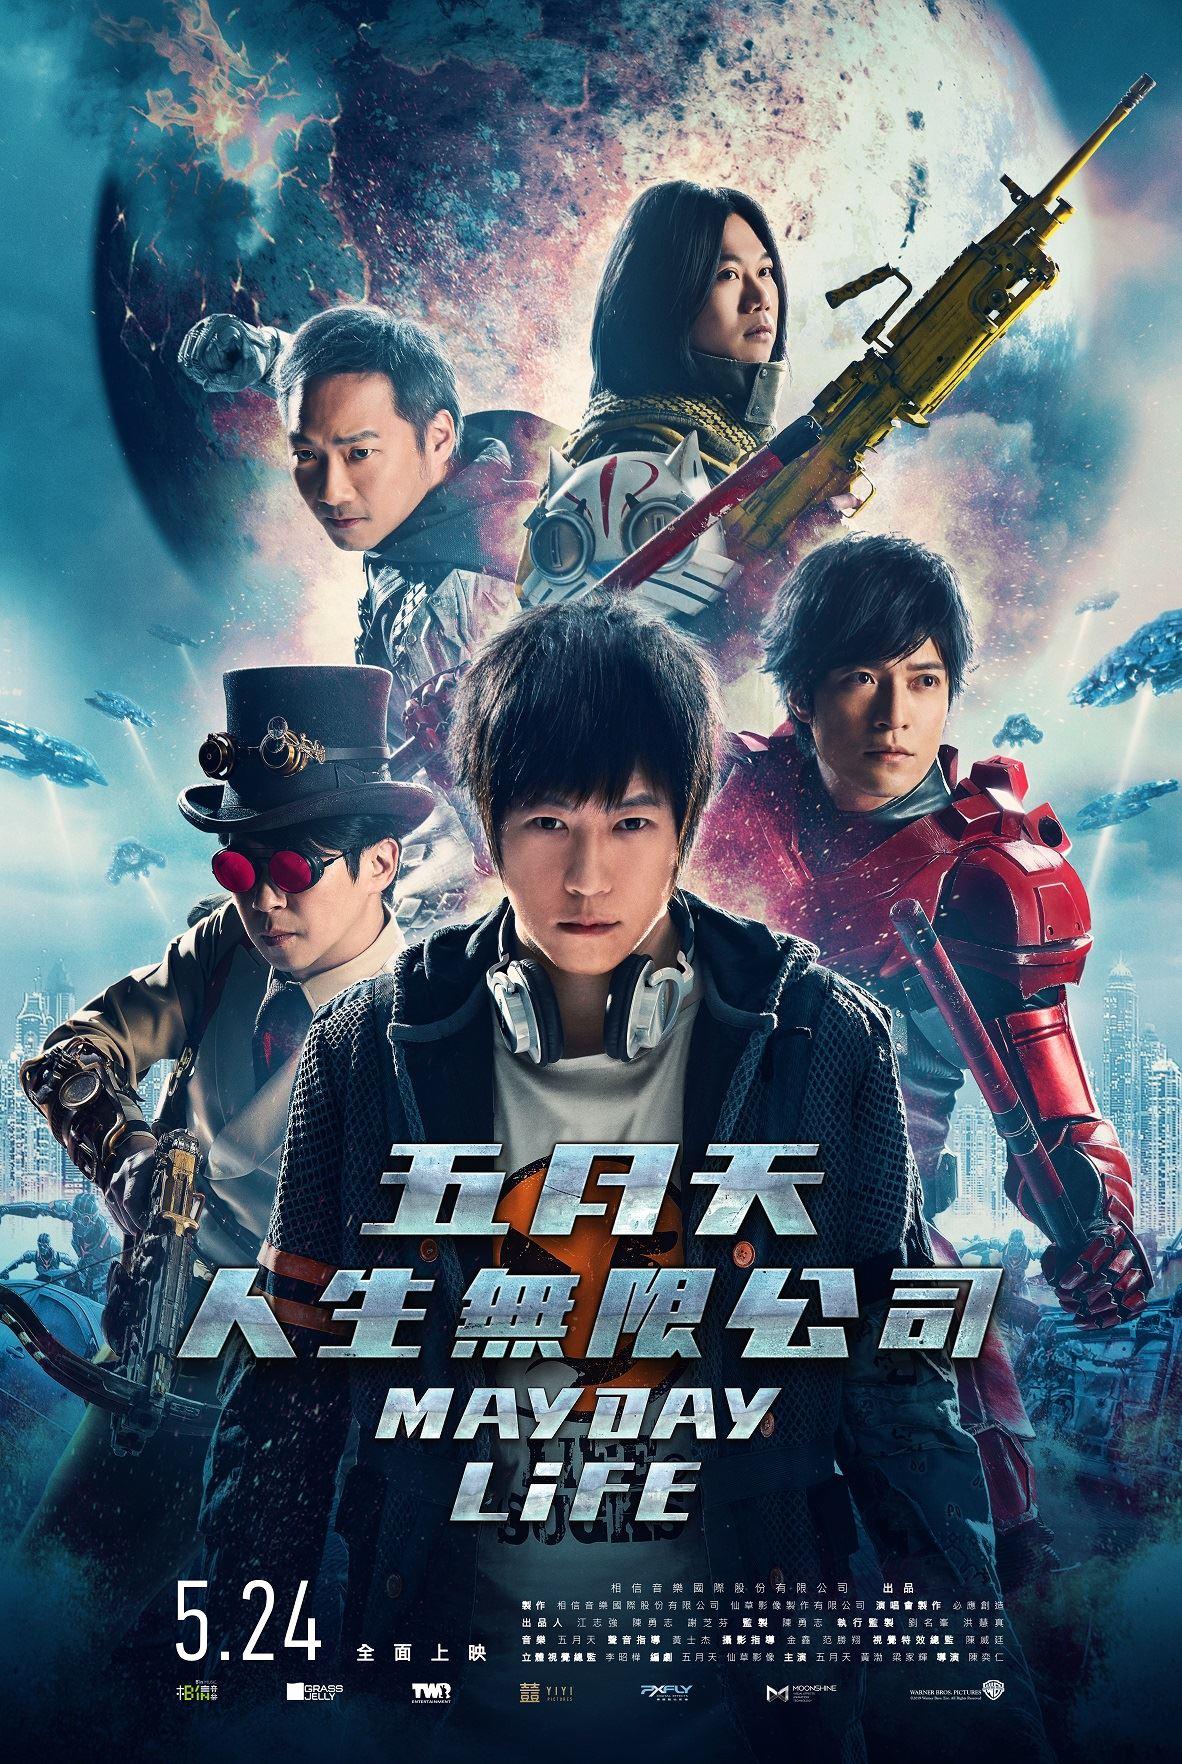 五迷们一起加班!五月天《人生无限公司3d》大马524上映!